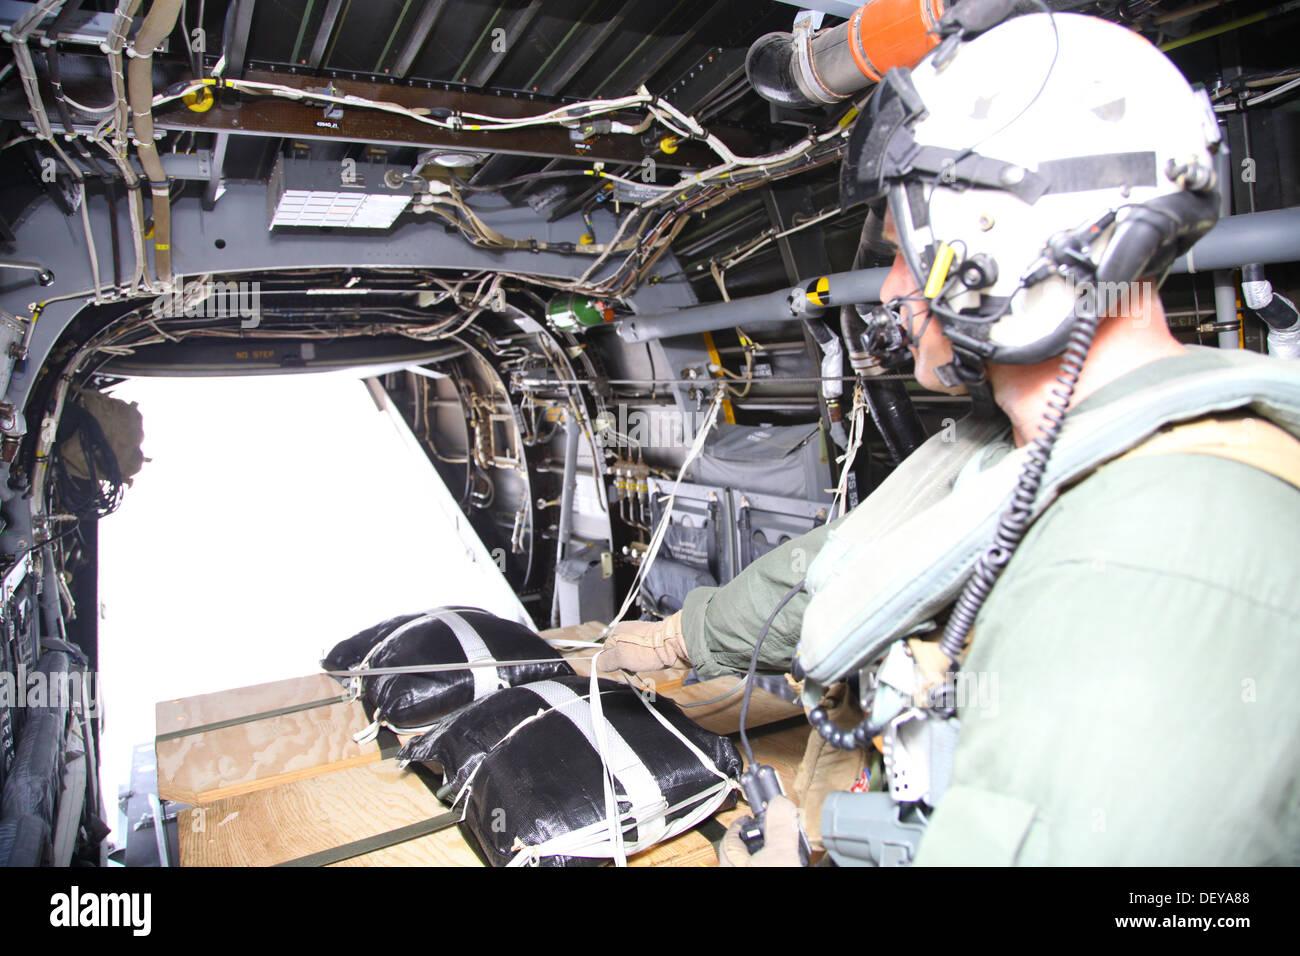 Le s.. Travis Borkowski pousse une palette de repas prêts-à-manger attaché à parachutes hors d'un MV-22B Osprey sur la Vallée-de-Corbeau, CAPAS, Tarlac, République des Philippines, le 19 septembre au cours de l'exercice 2014 débarquement amphibies. Philippine bilatéraux-U.S. Mari Banque D'Images